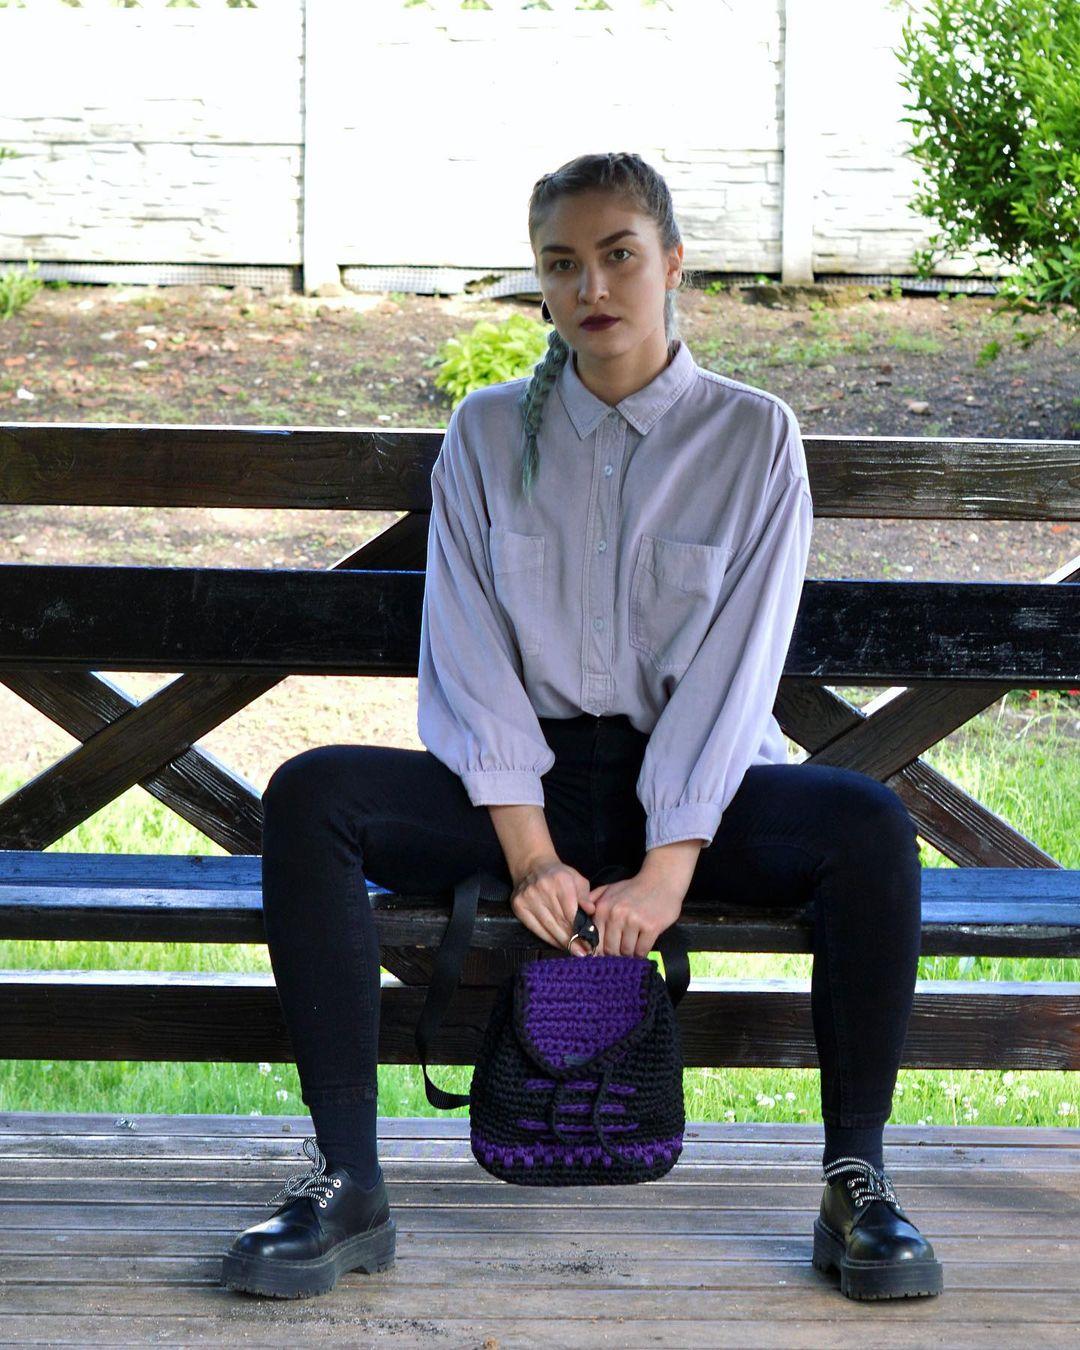 1612585366 610 40 fotos para combinar la pieza con tu look - 40 inspiraciones increíbles para que uses la mochila de crochet